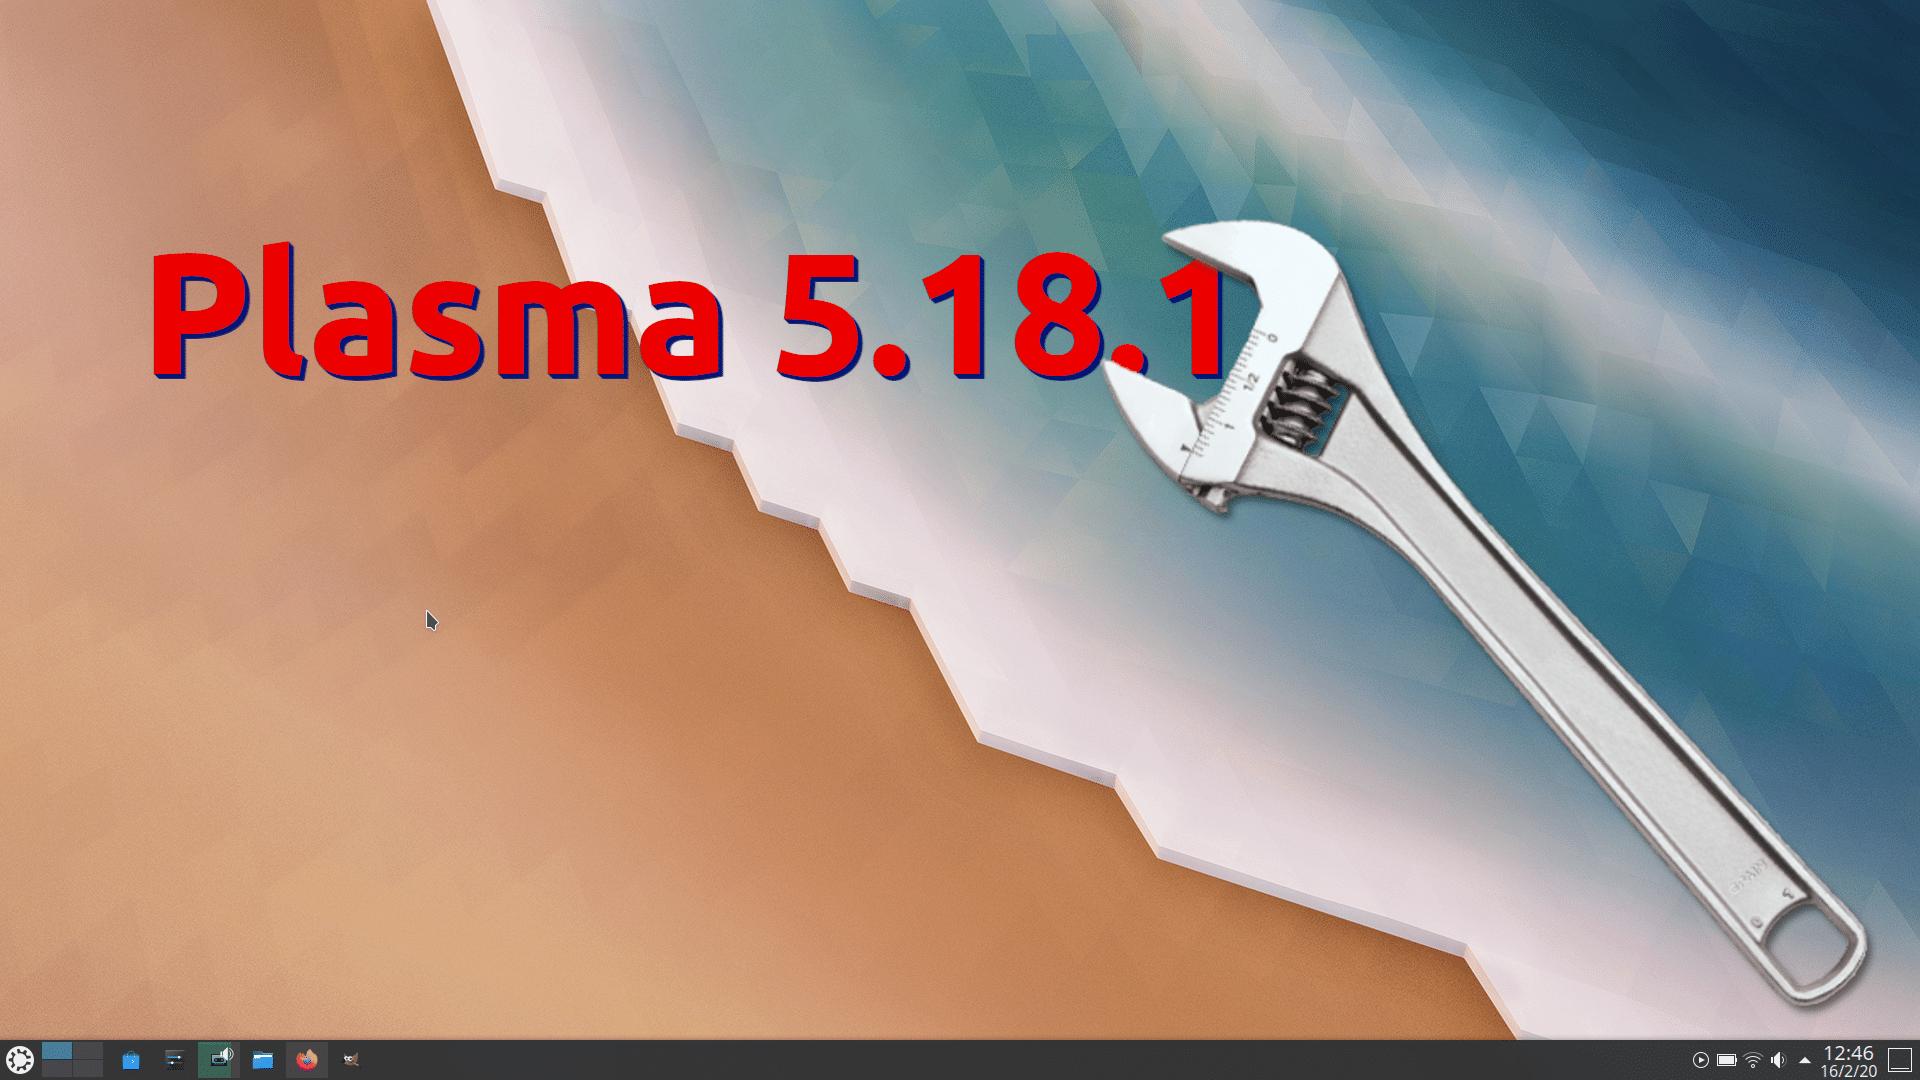 Plasma 5.18.1 corregirá muchos fallos